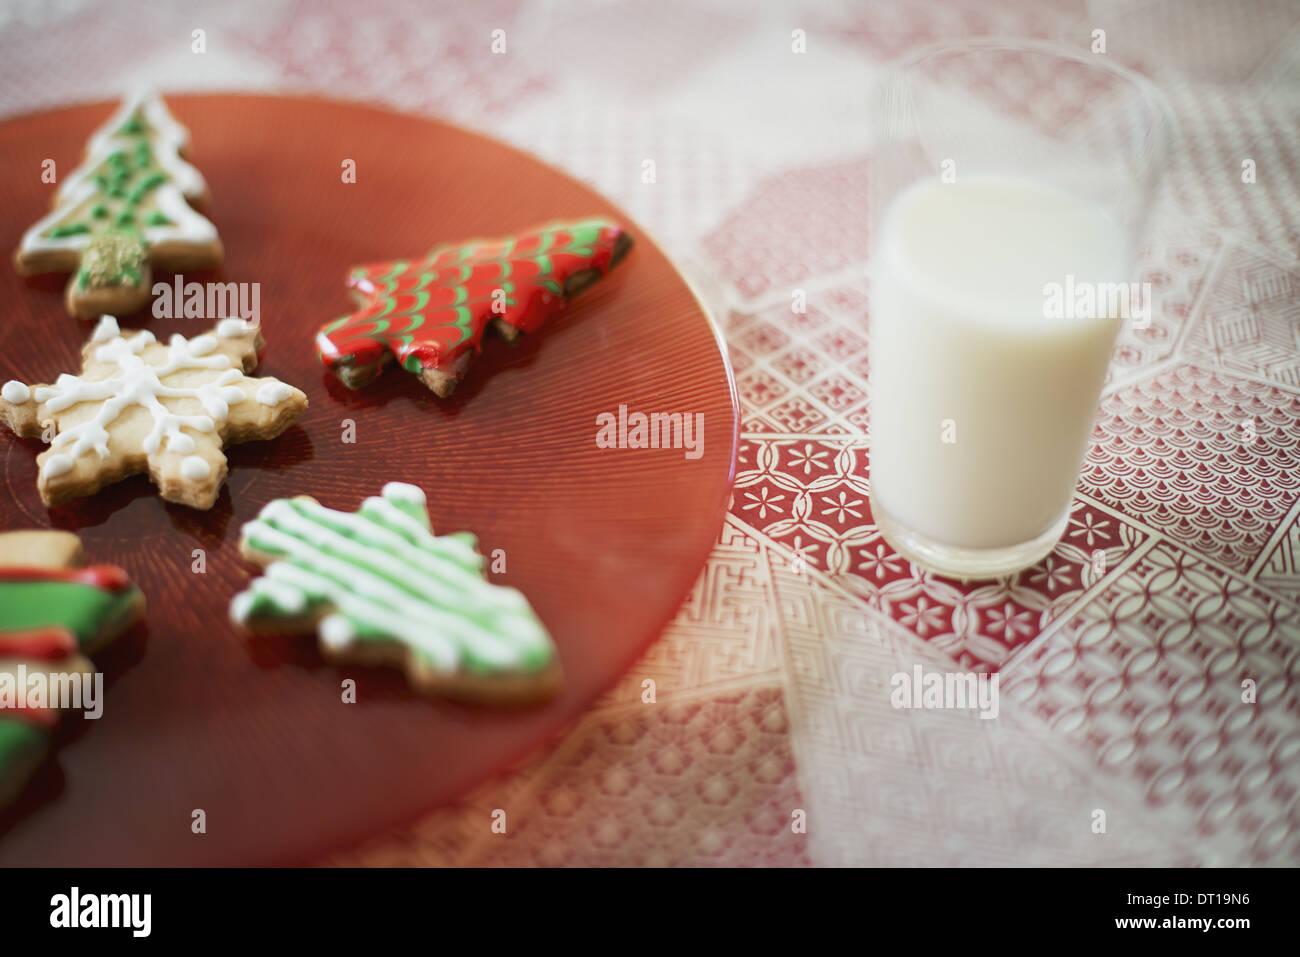 Nueva York, EE.UU. Woodstock orgánicos galletas de Navidad caseras vaso de leche Imagen De Stock